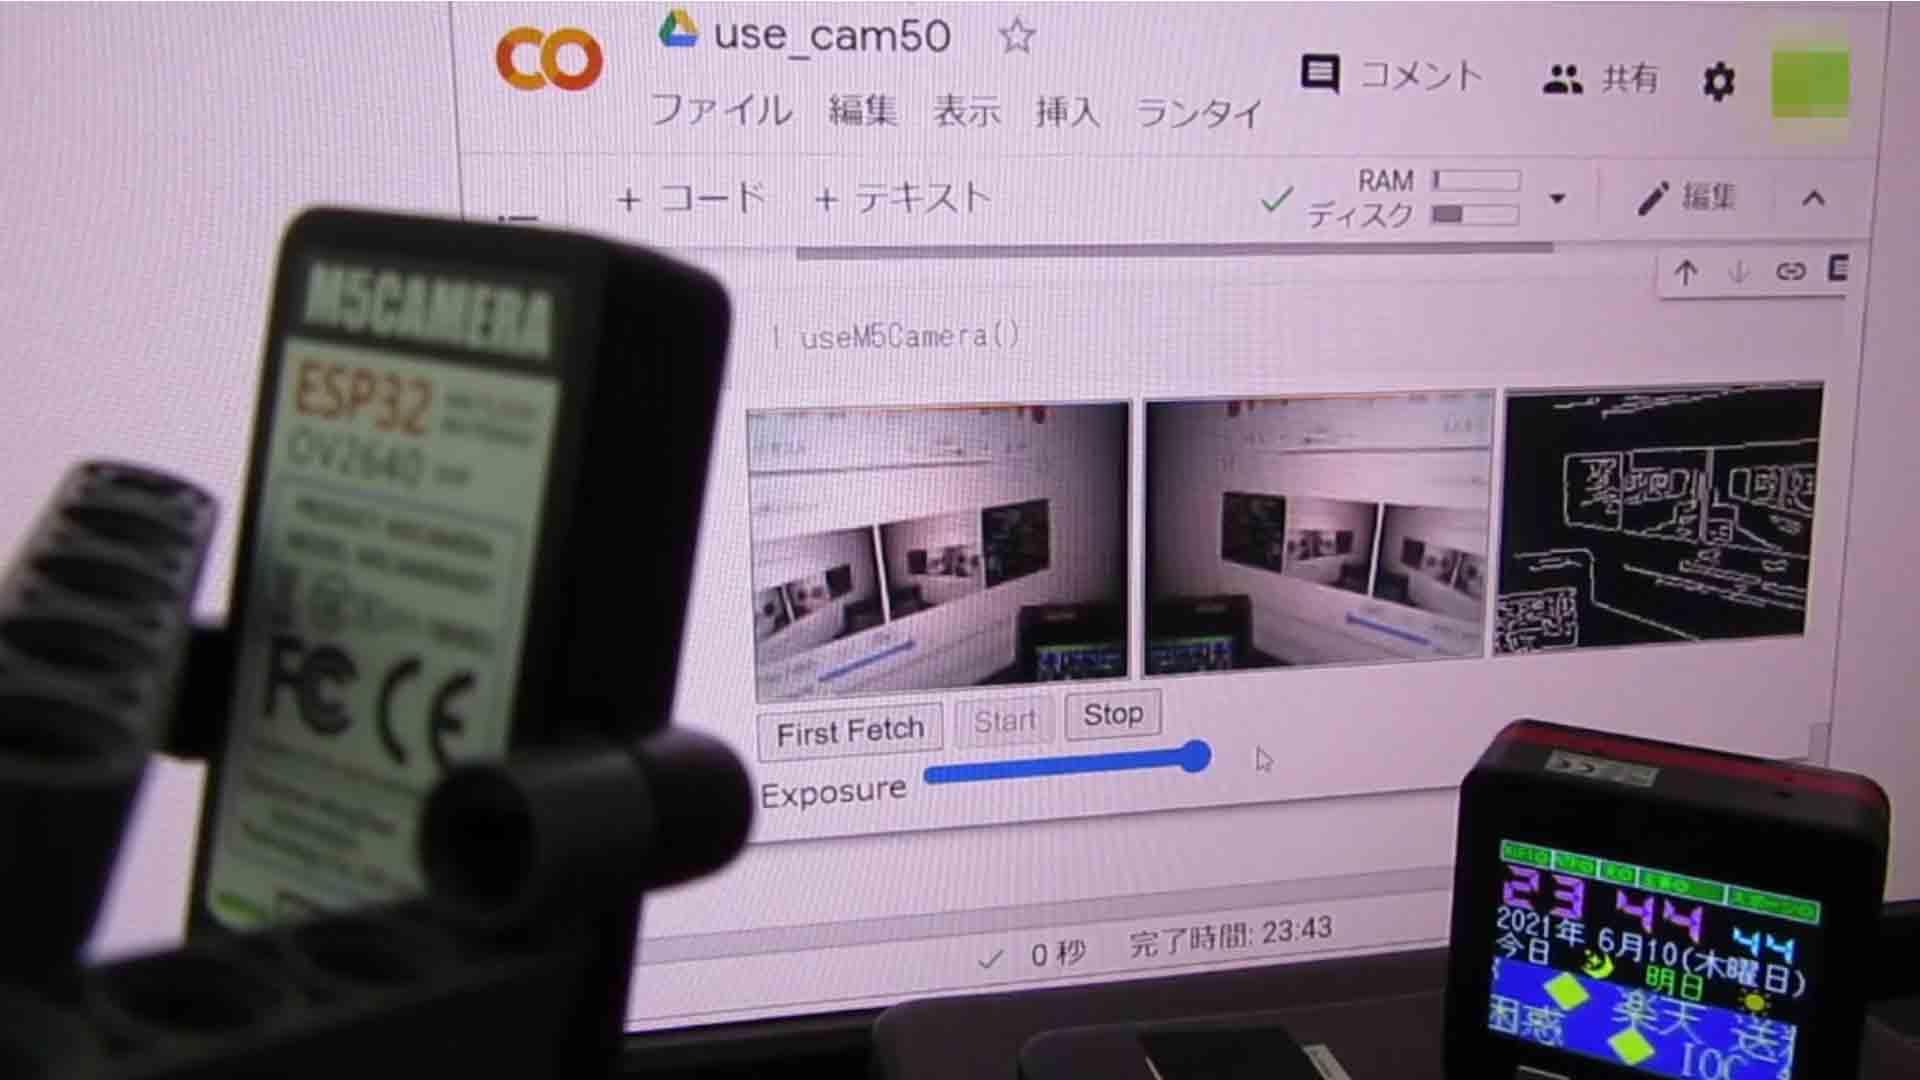 Google colabにBasic認証有りのngrokを使い、M5Cameraストリーミング表示させ、OpenCVもつかってみた。